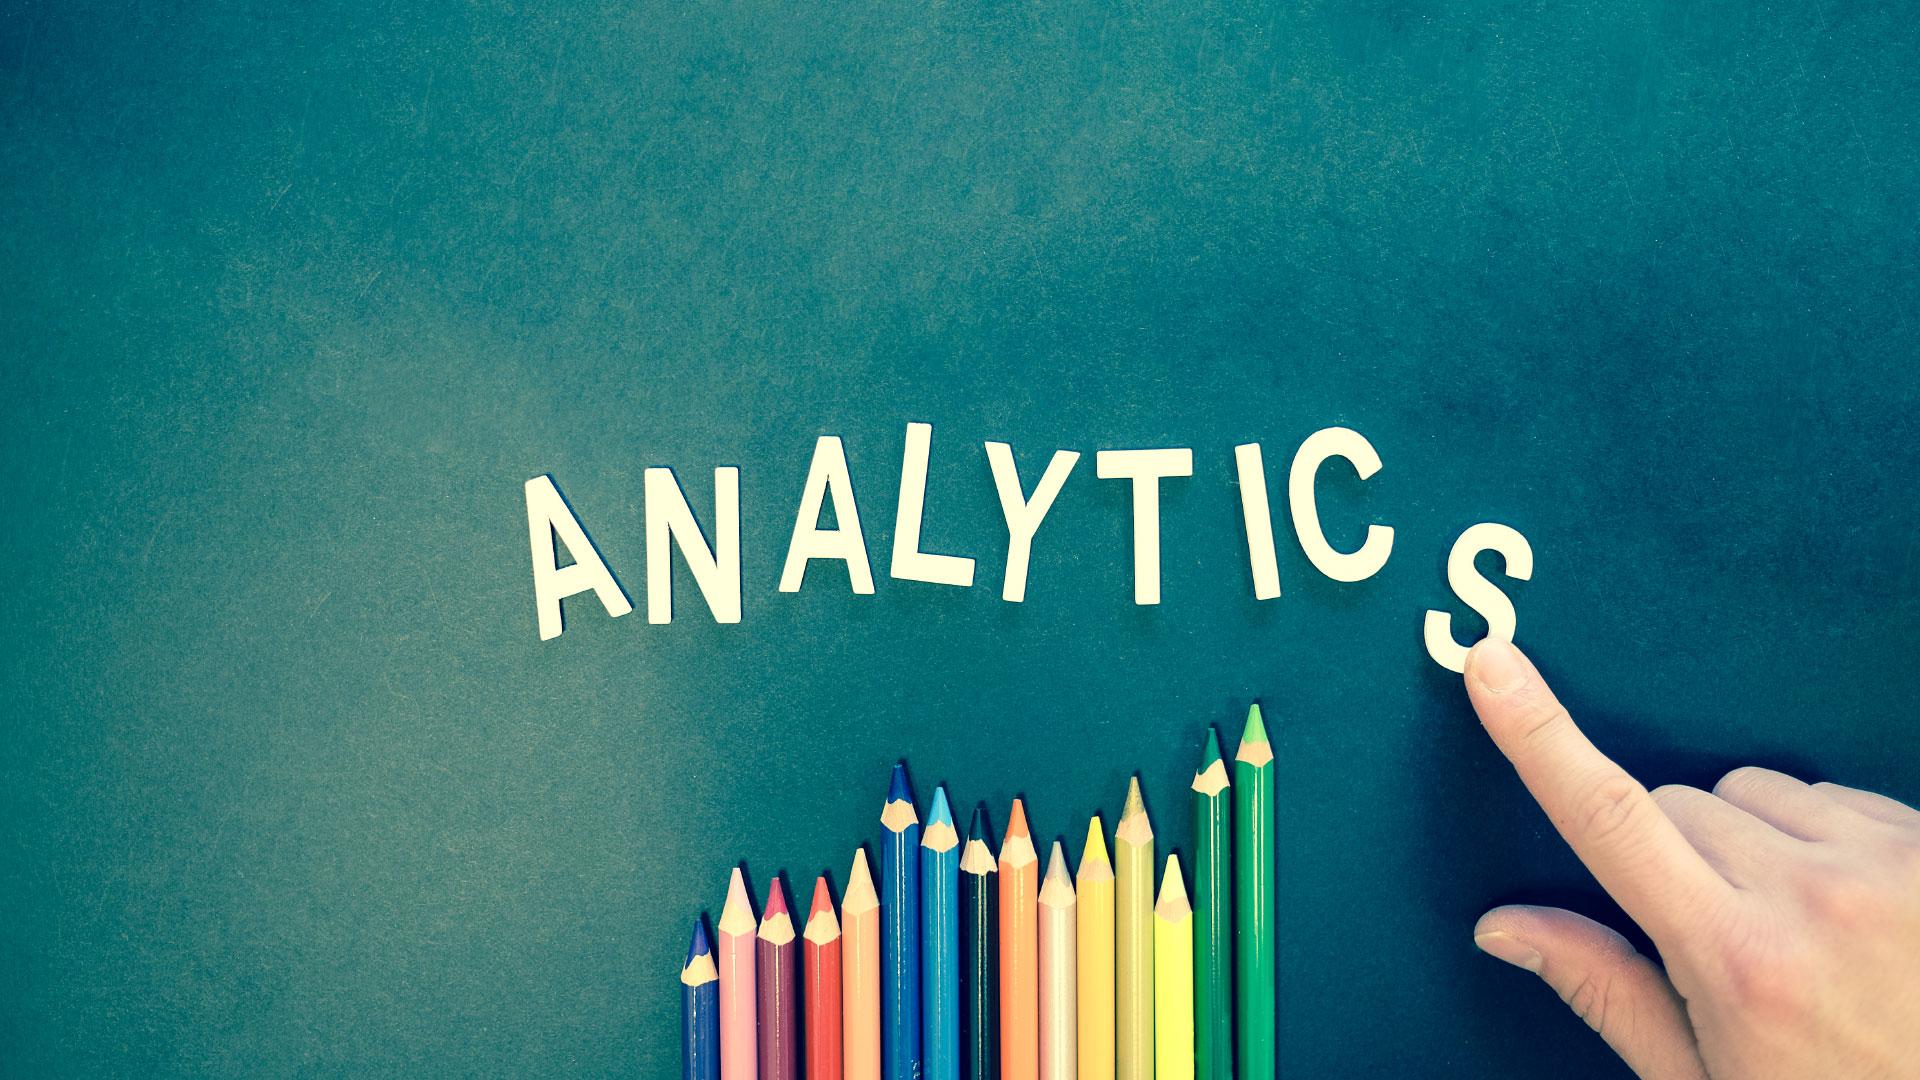 Γιατί το Google Analytics είναι τόσο σημαντικό για την ιστοσελίδα σας;